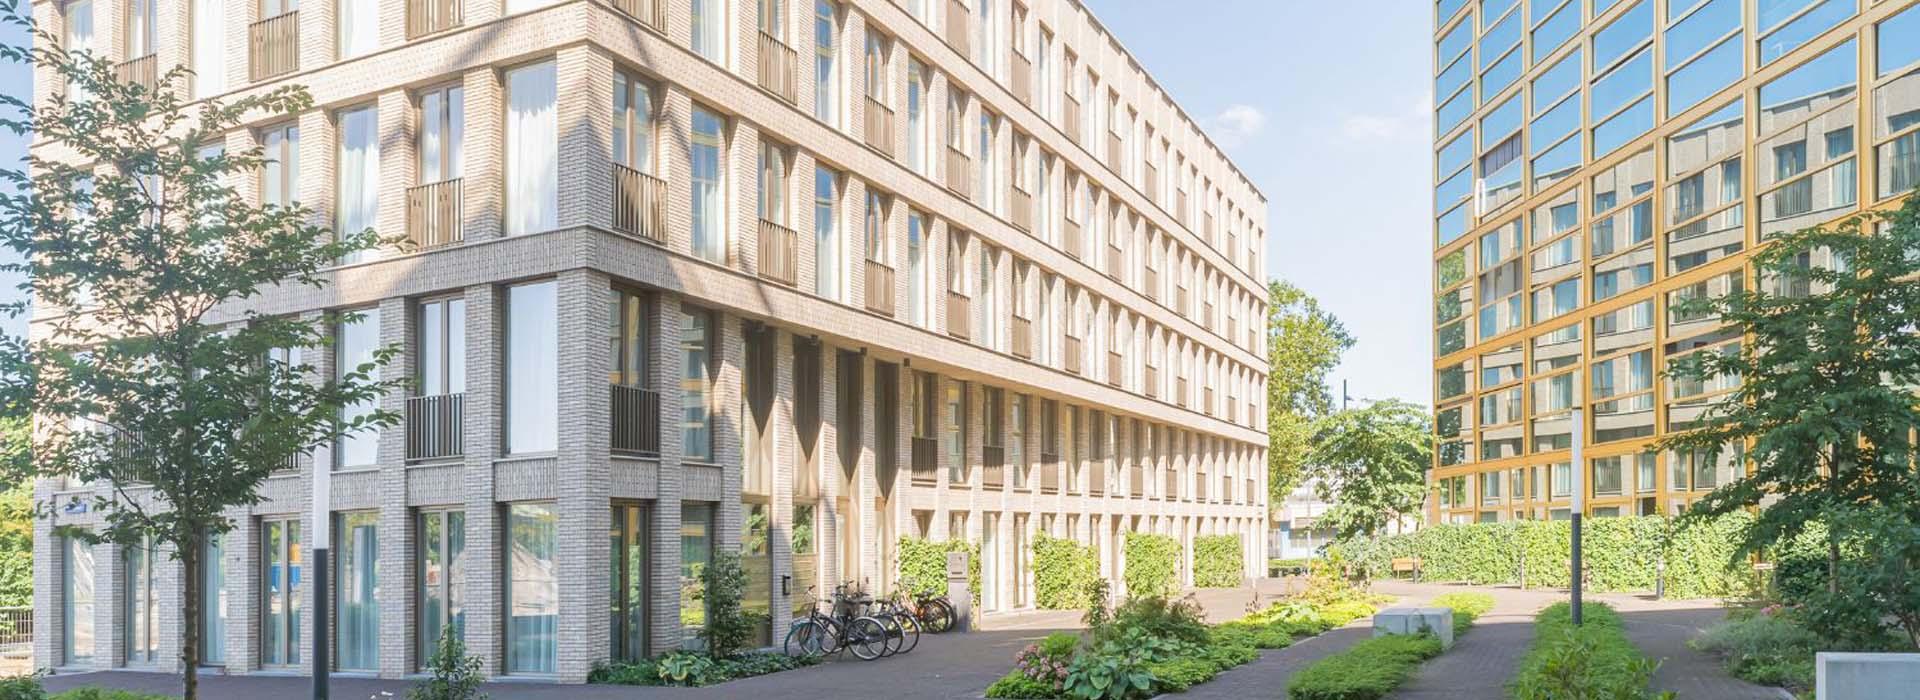 exterior Victoria Court in Eindhoven